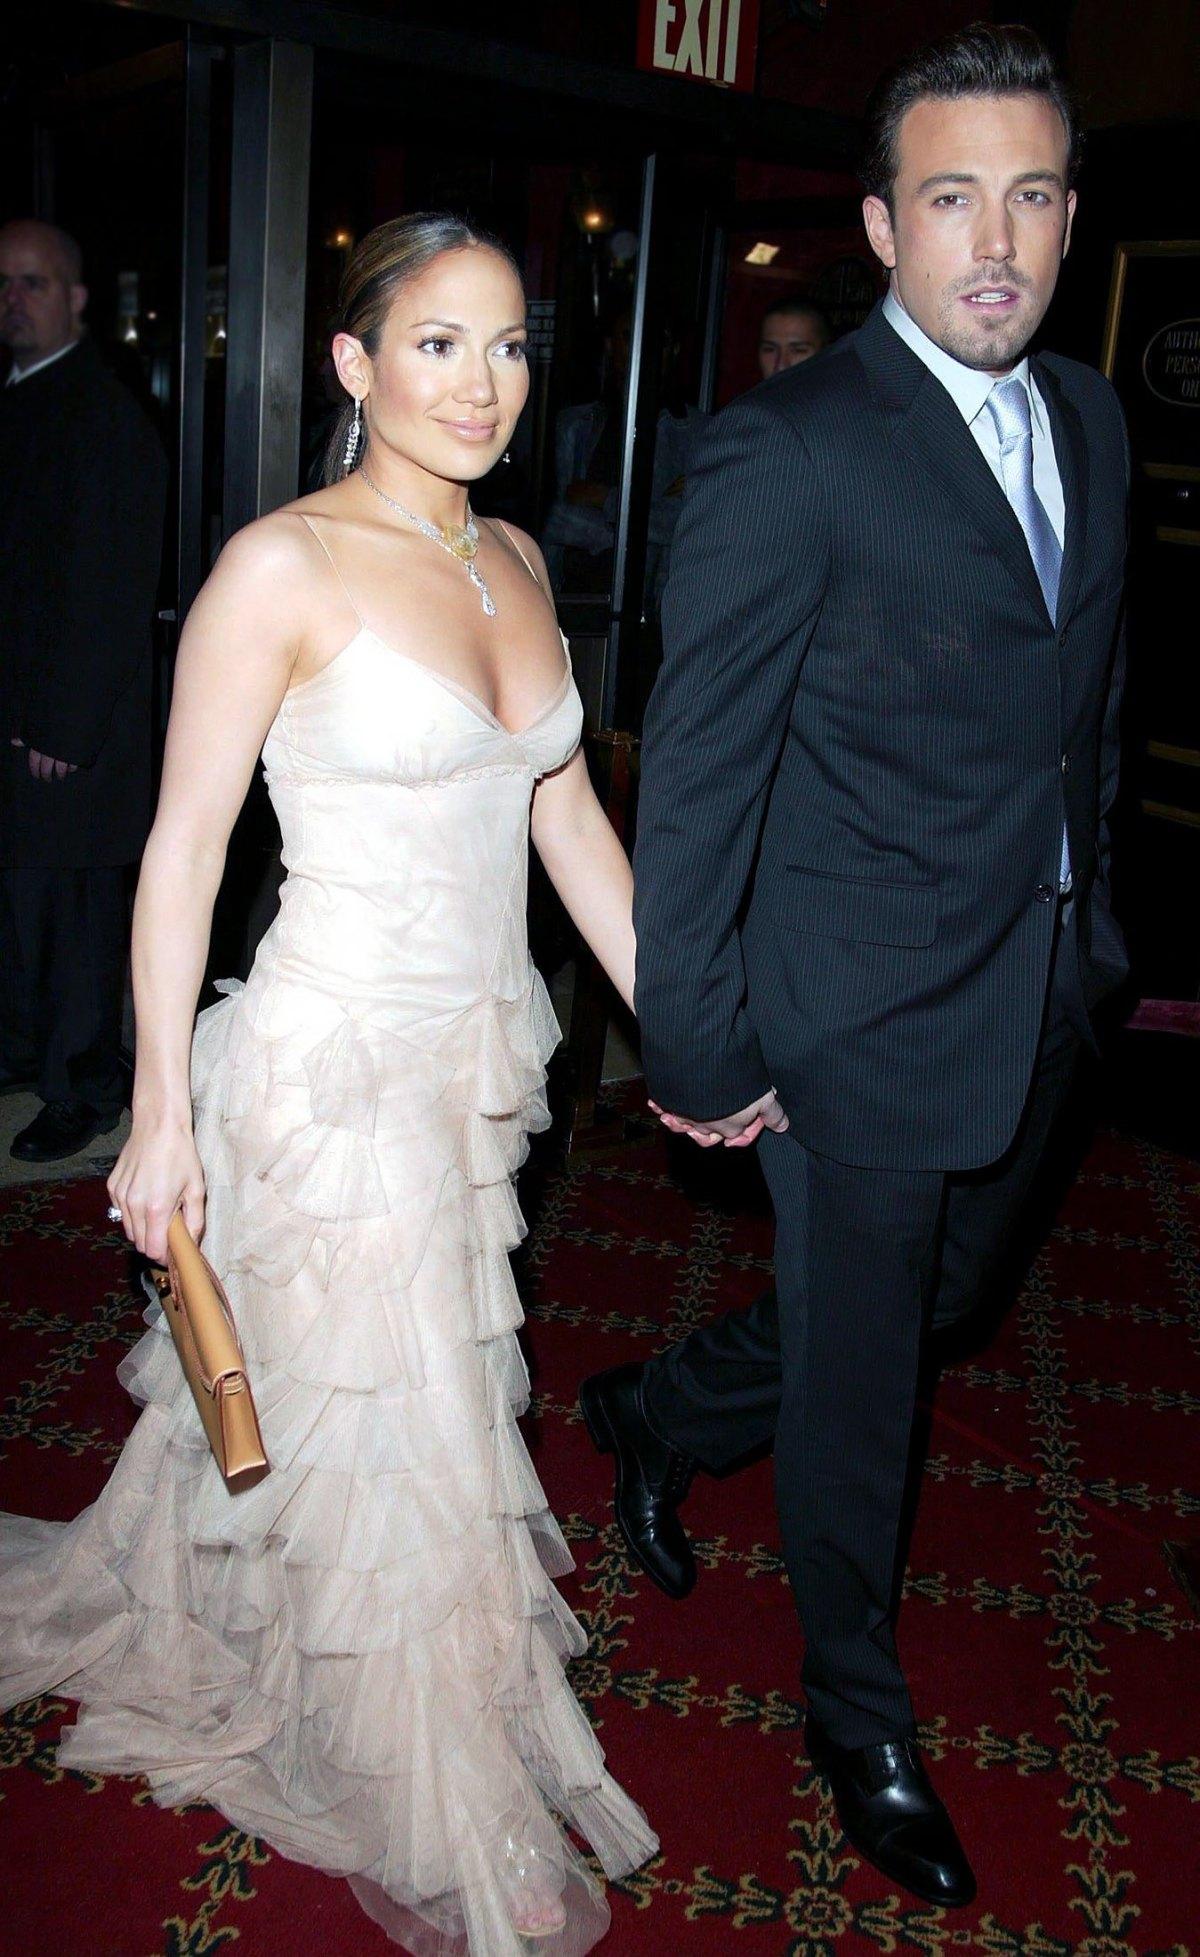 Jennifer-Lopez-Ben-Affleck-3-1623470438